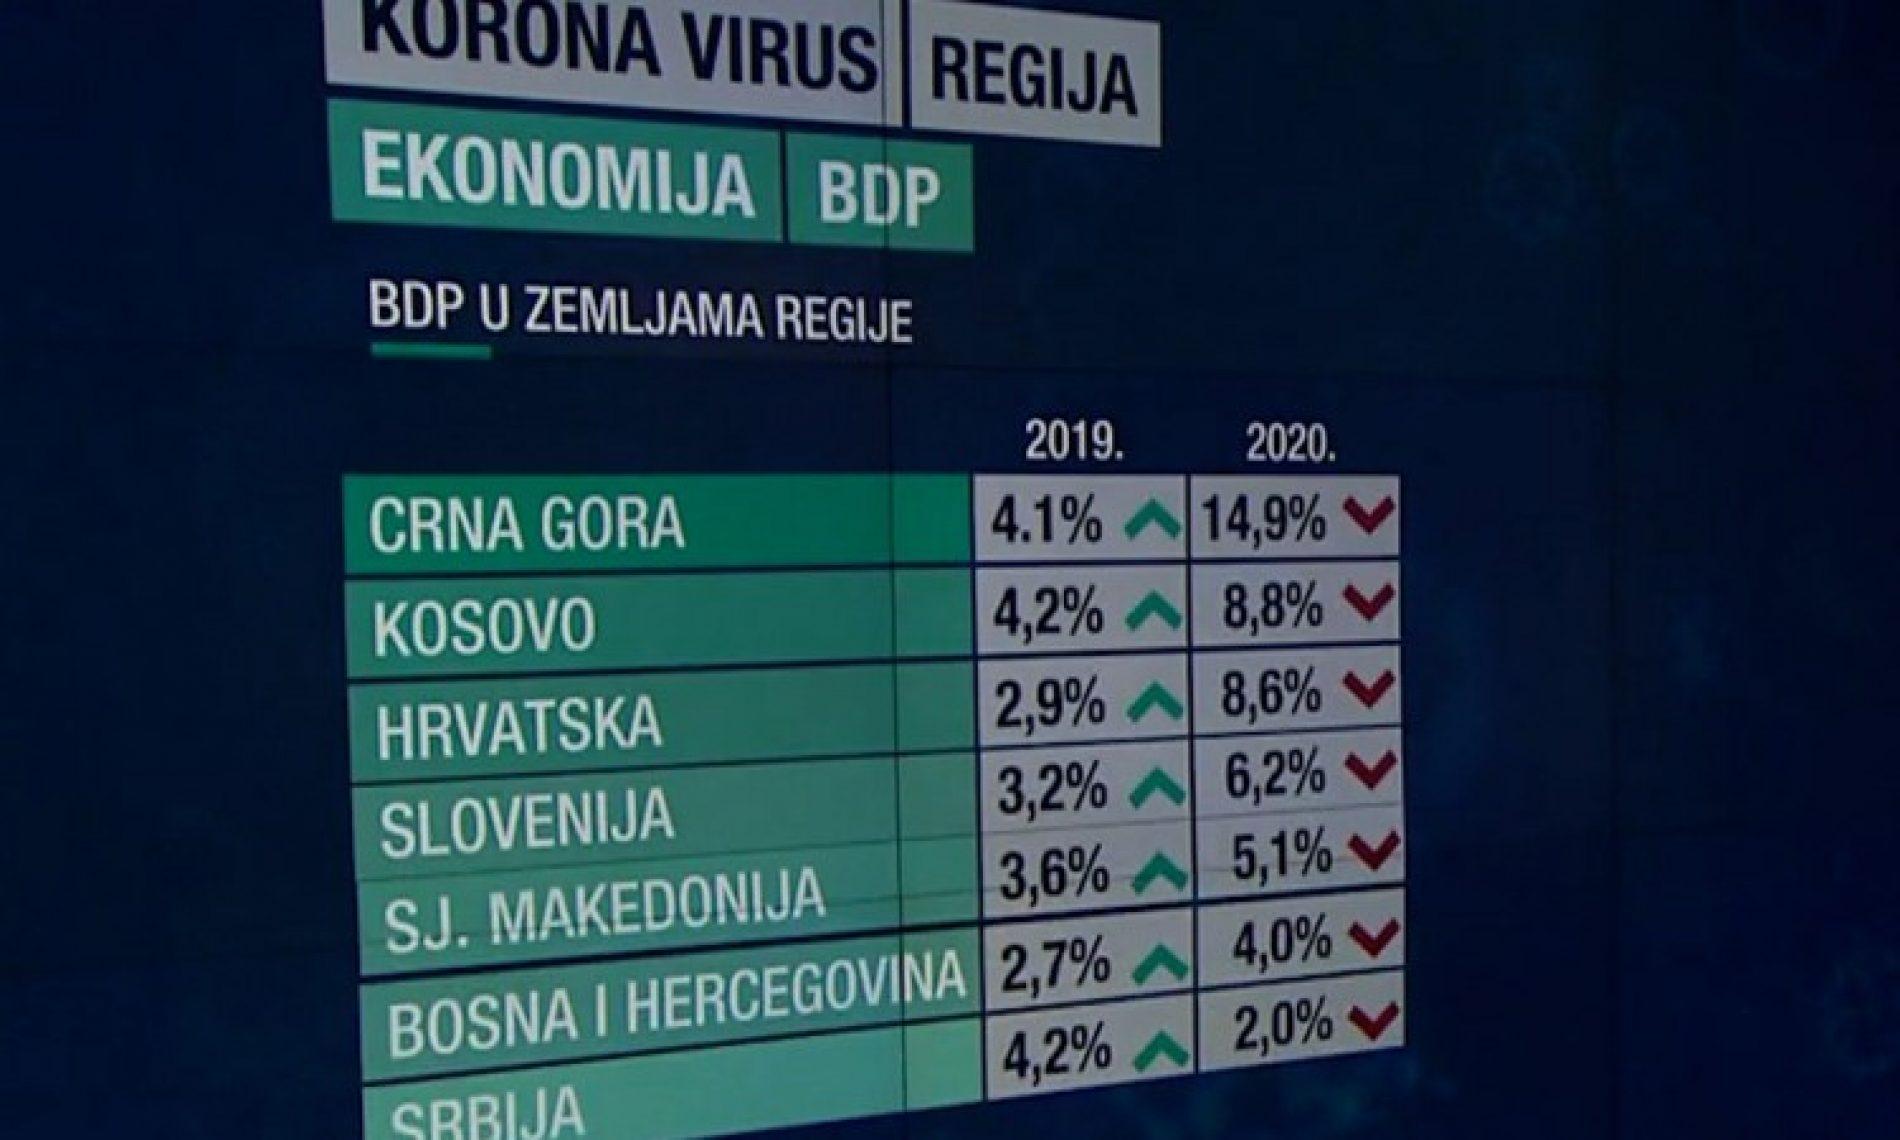 Posljedice koronavirusa u regionu: Bosna i Hercegovina i Srbija imale najbolji ekonomski odgovor